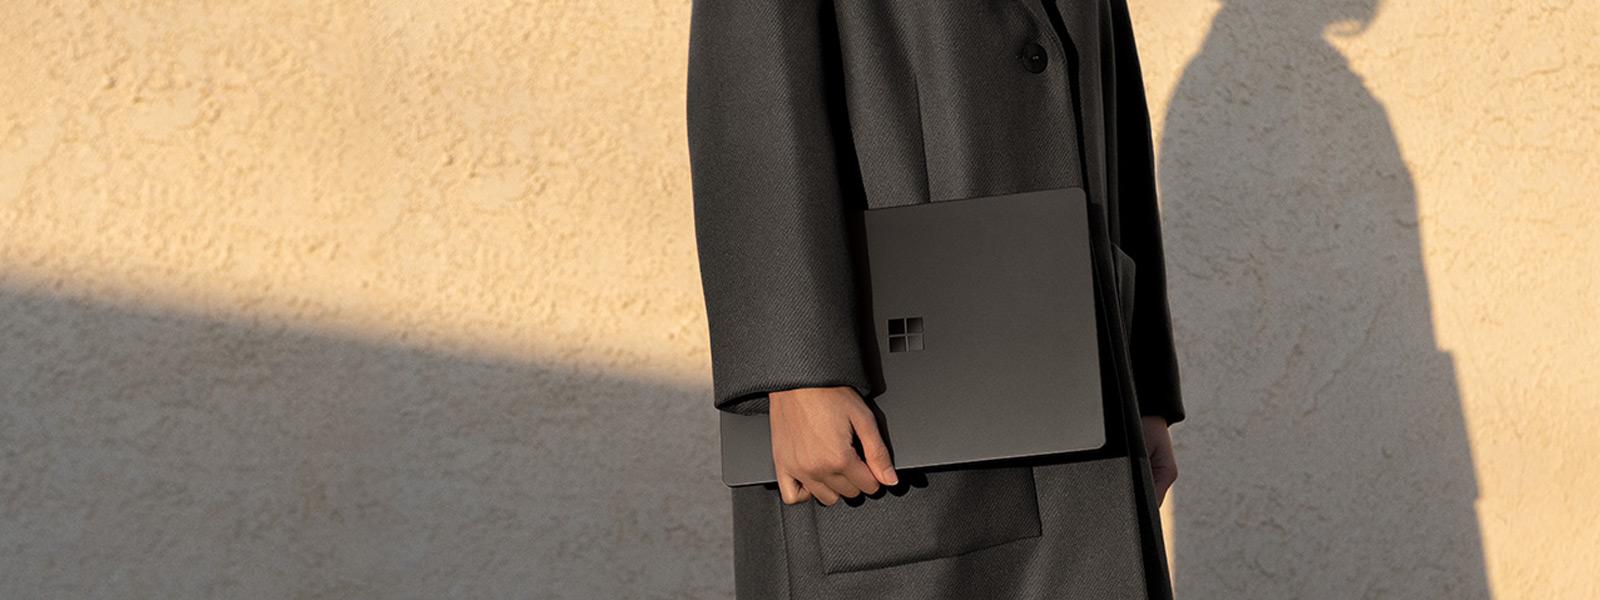 Mustatakkinen henkilö kantaa Surface Laptop 2:ta sivullaan